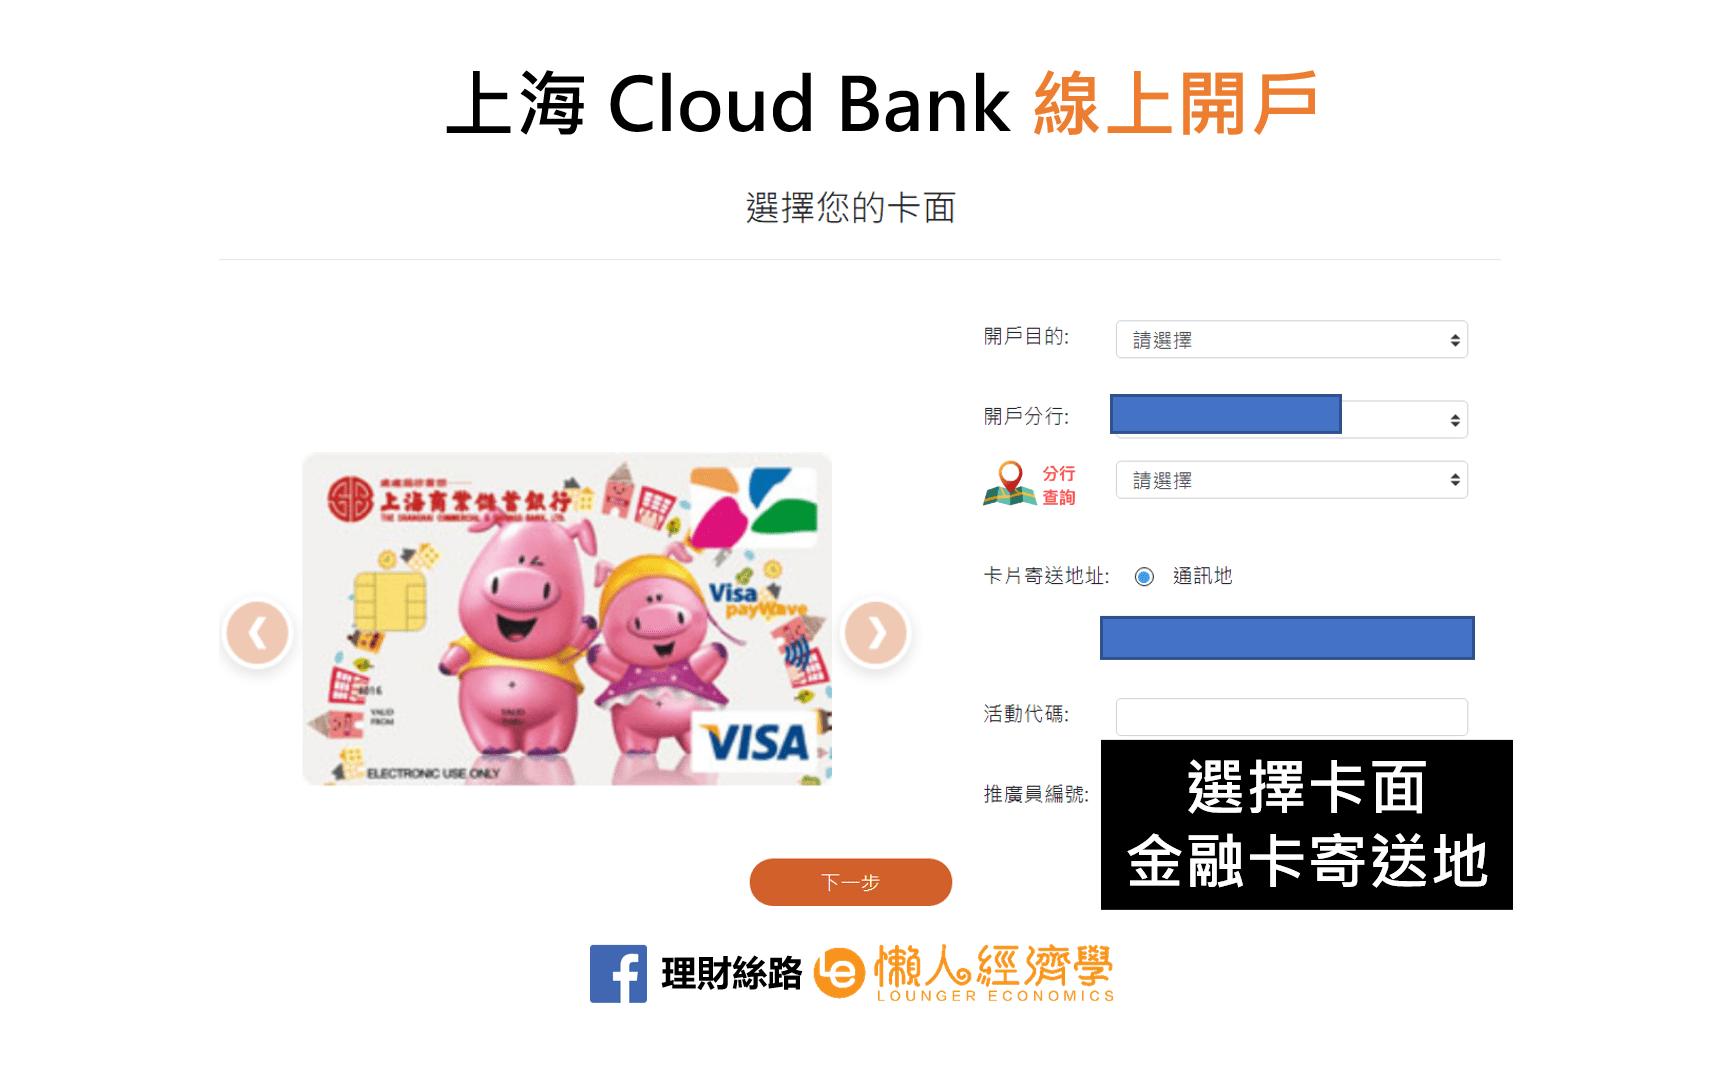 上海Cloud Bank選擇卡面